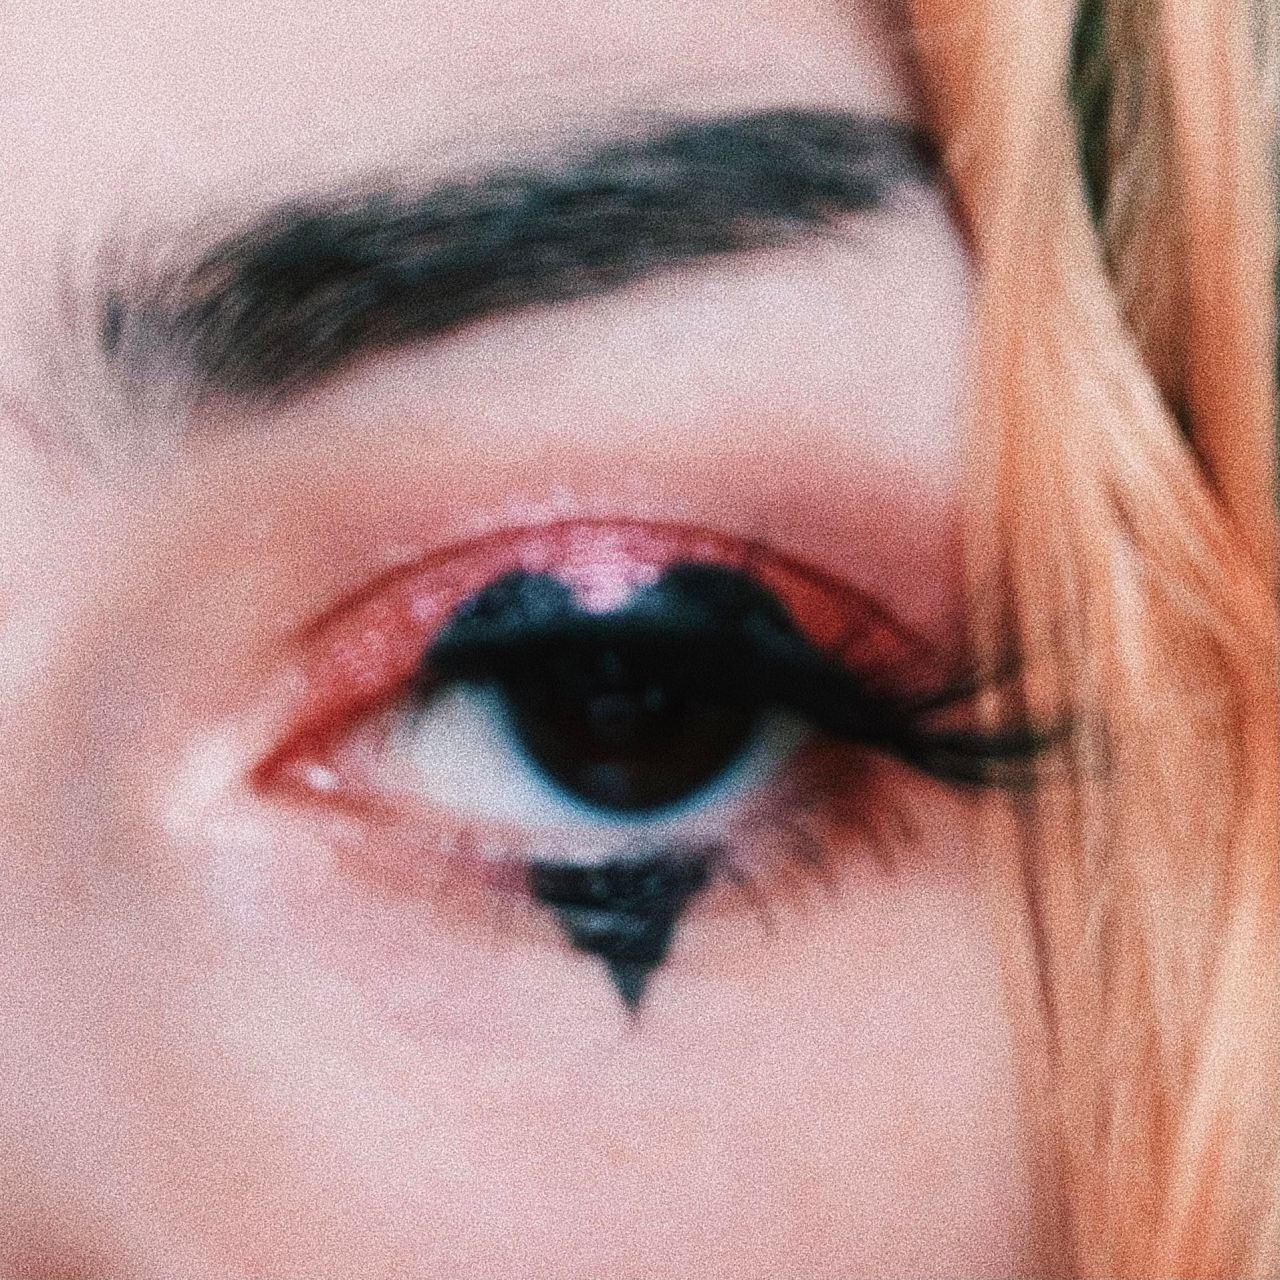 #makeup#lovecore#heart eyes#pink aesthetic#grunge#soft egirl#egirl #lana del rey #eye liner#romance#aesthetic#emo#heart#love